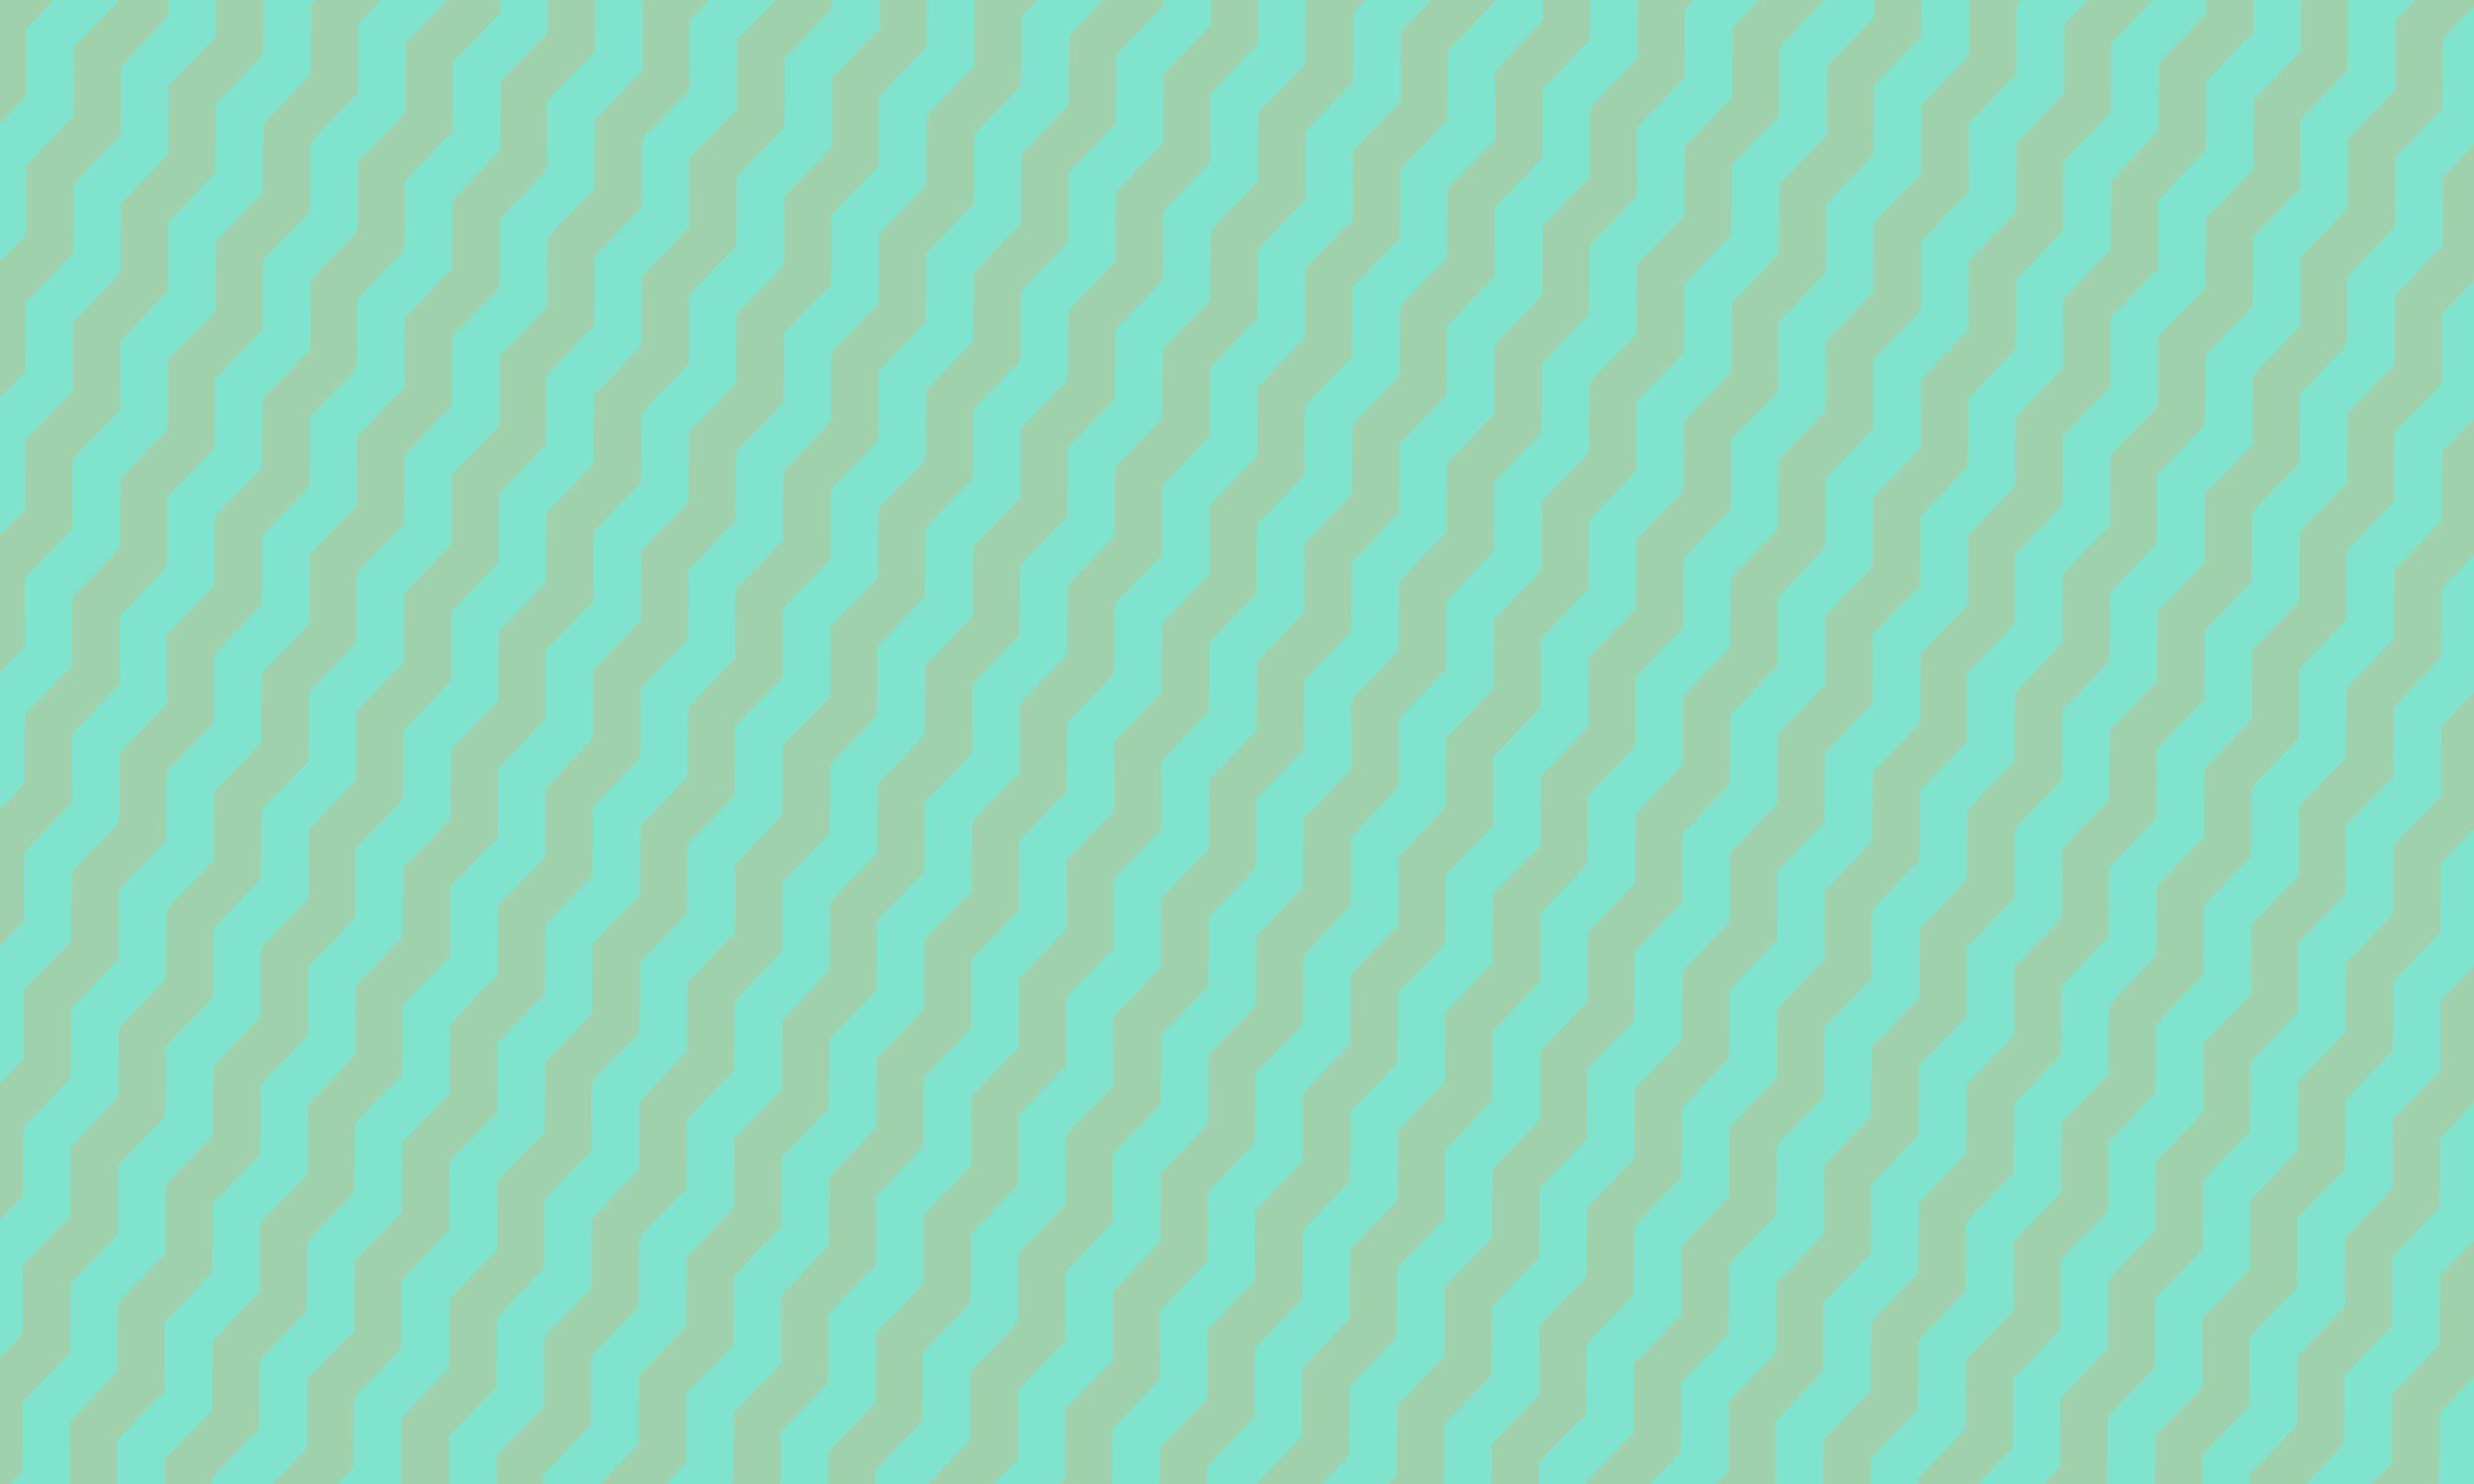 diagonal mint pattern